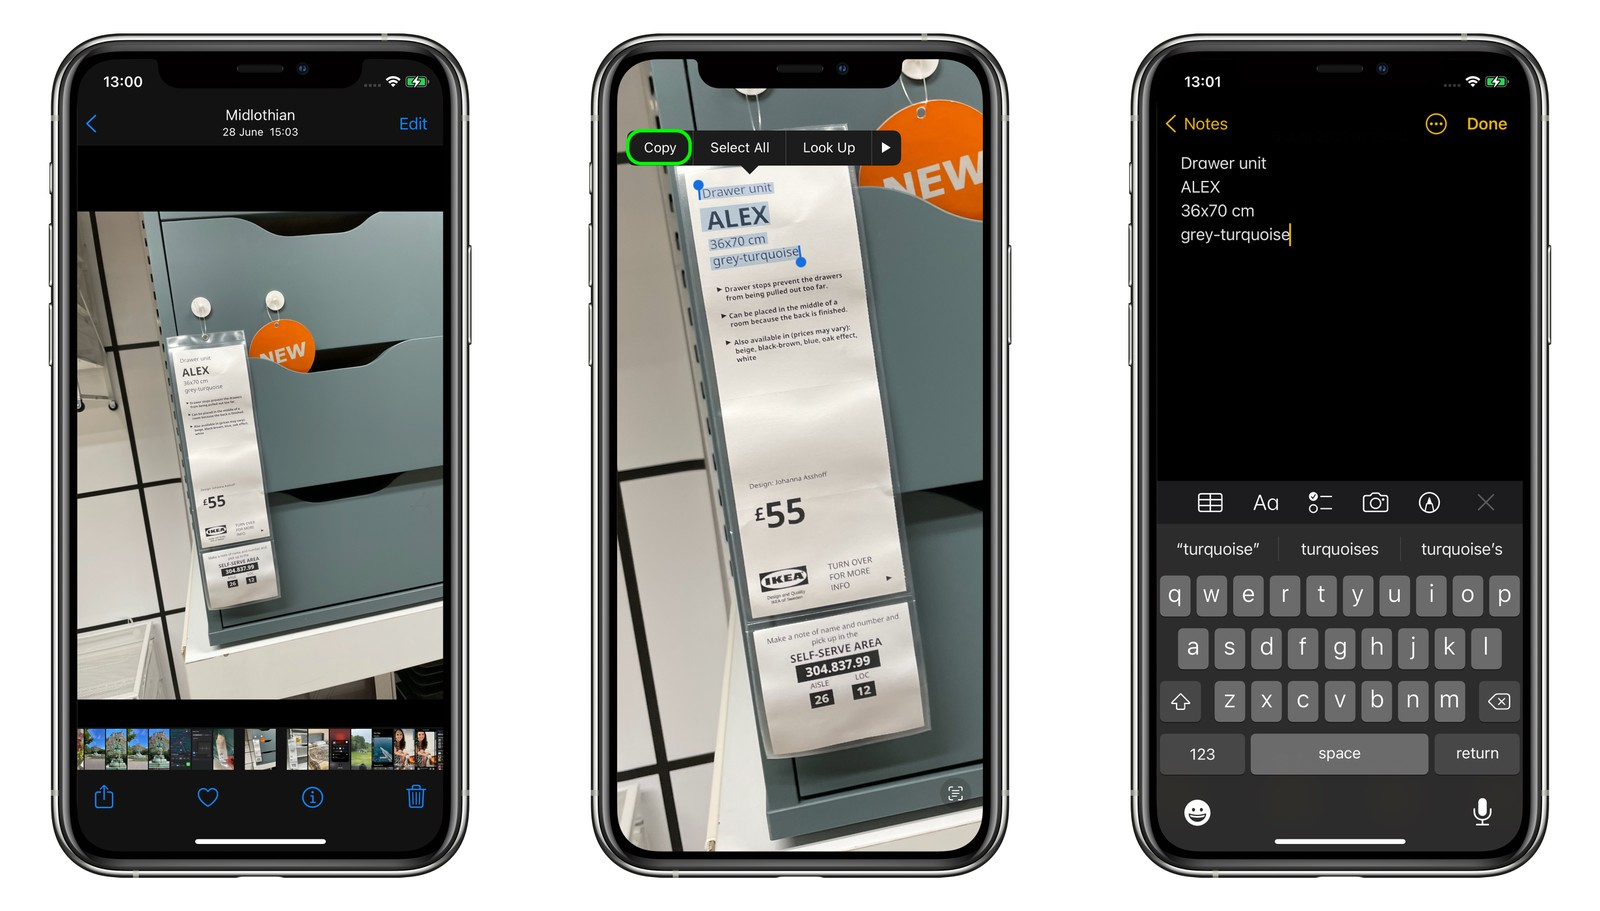 Hướng dẫn Copy/Paste ký tự trong hình ảnh trên iOS 15